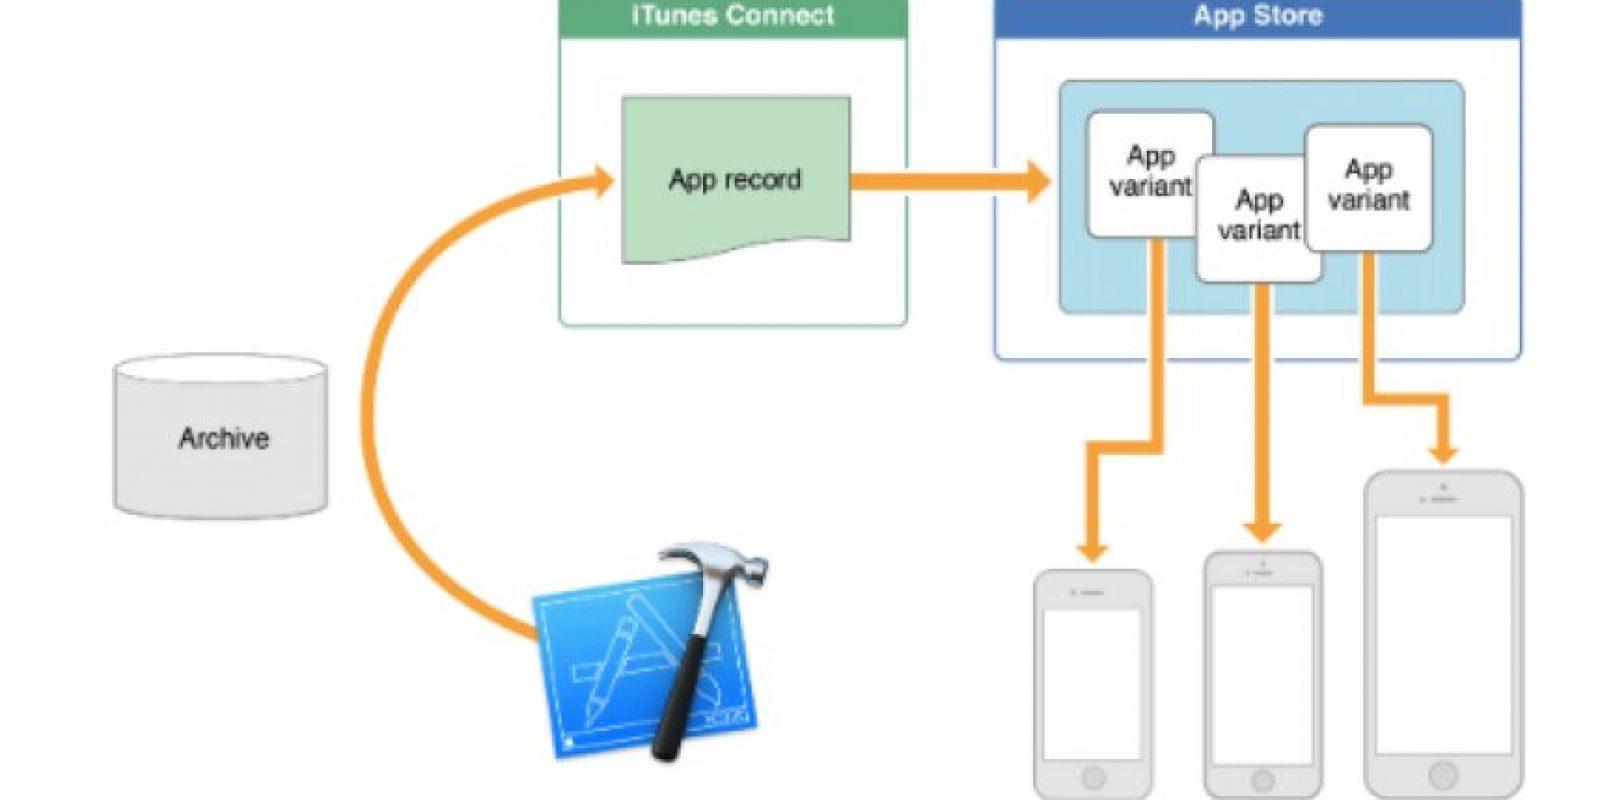 App Thinning es una idea que descargará las aplicaciones dependiendo del modelo de iPhone o iPad que tegan, así, adecuará la descarga con solo los bits que necesiten en su aparato Foto:Apple